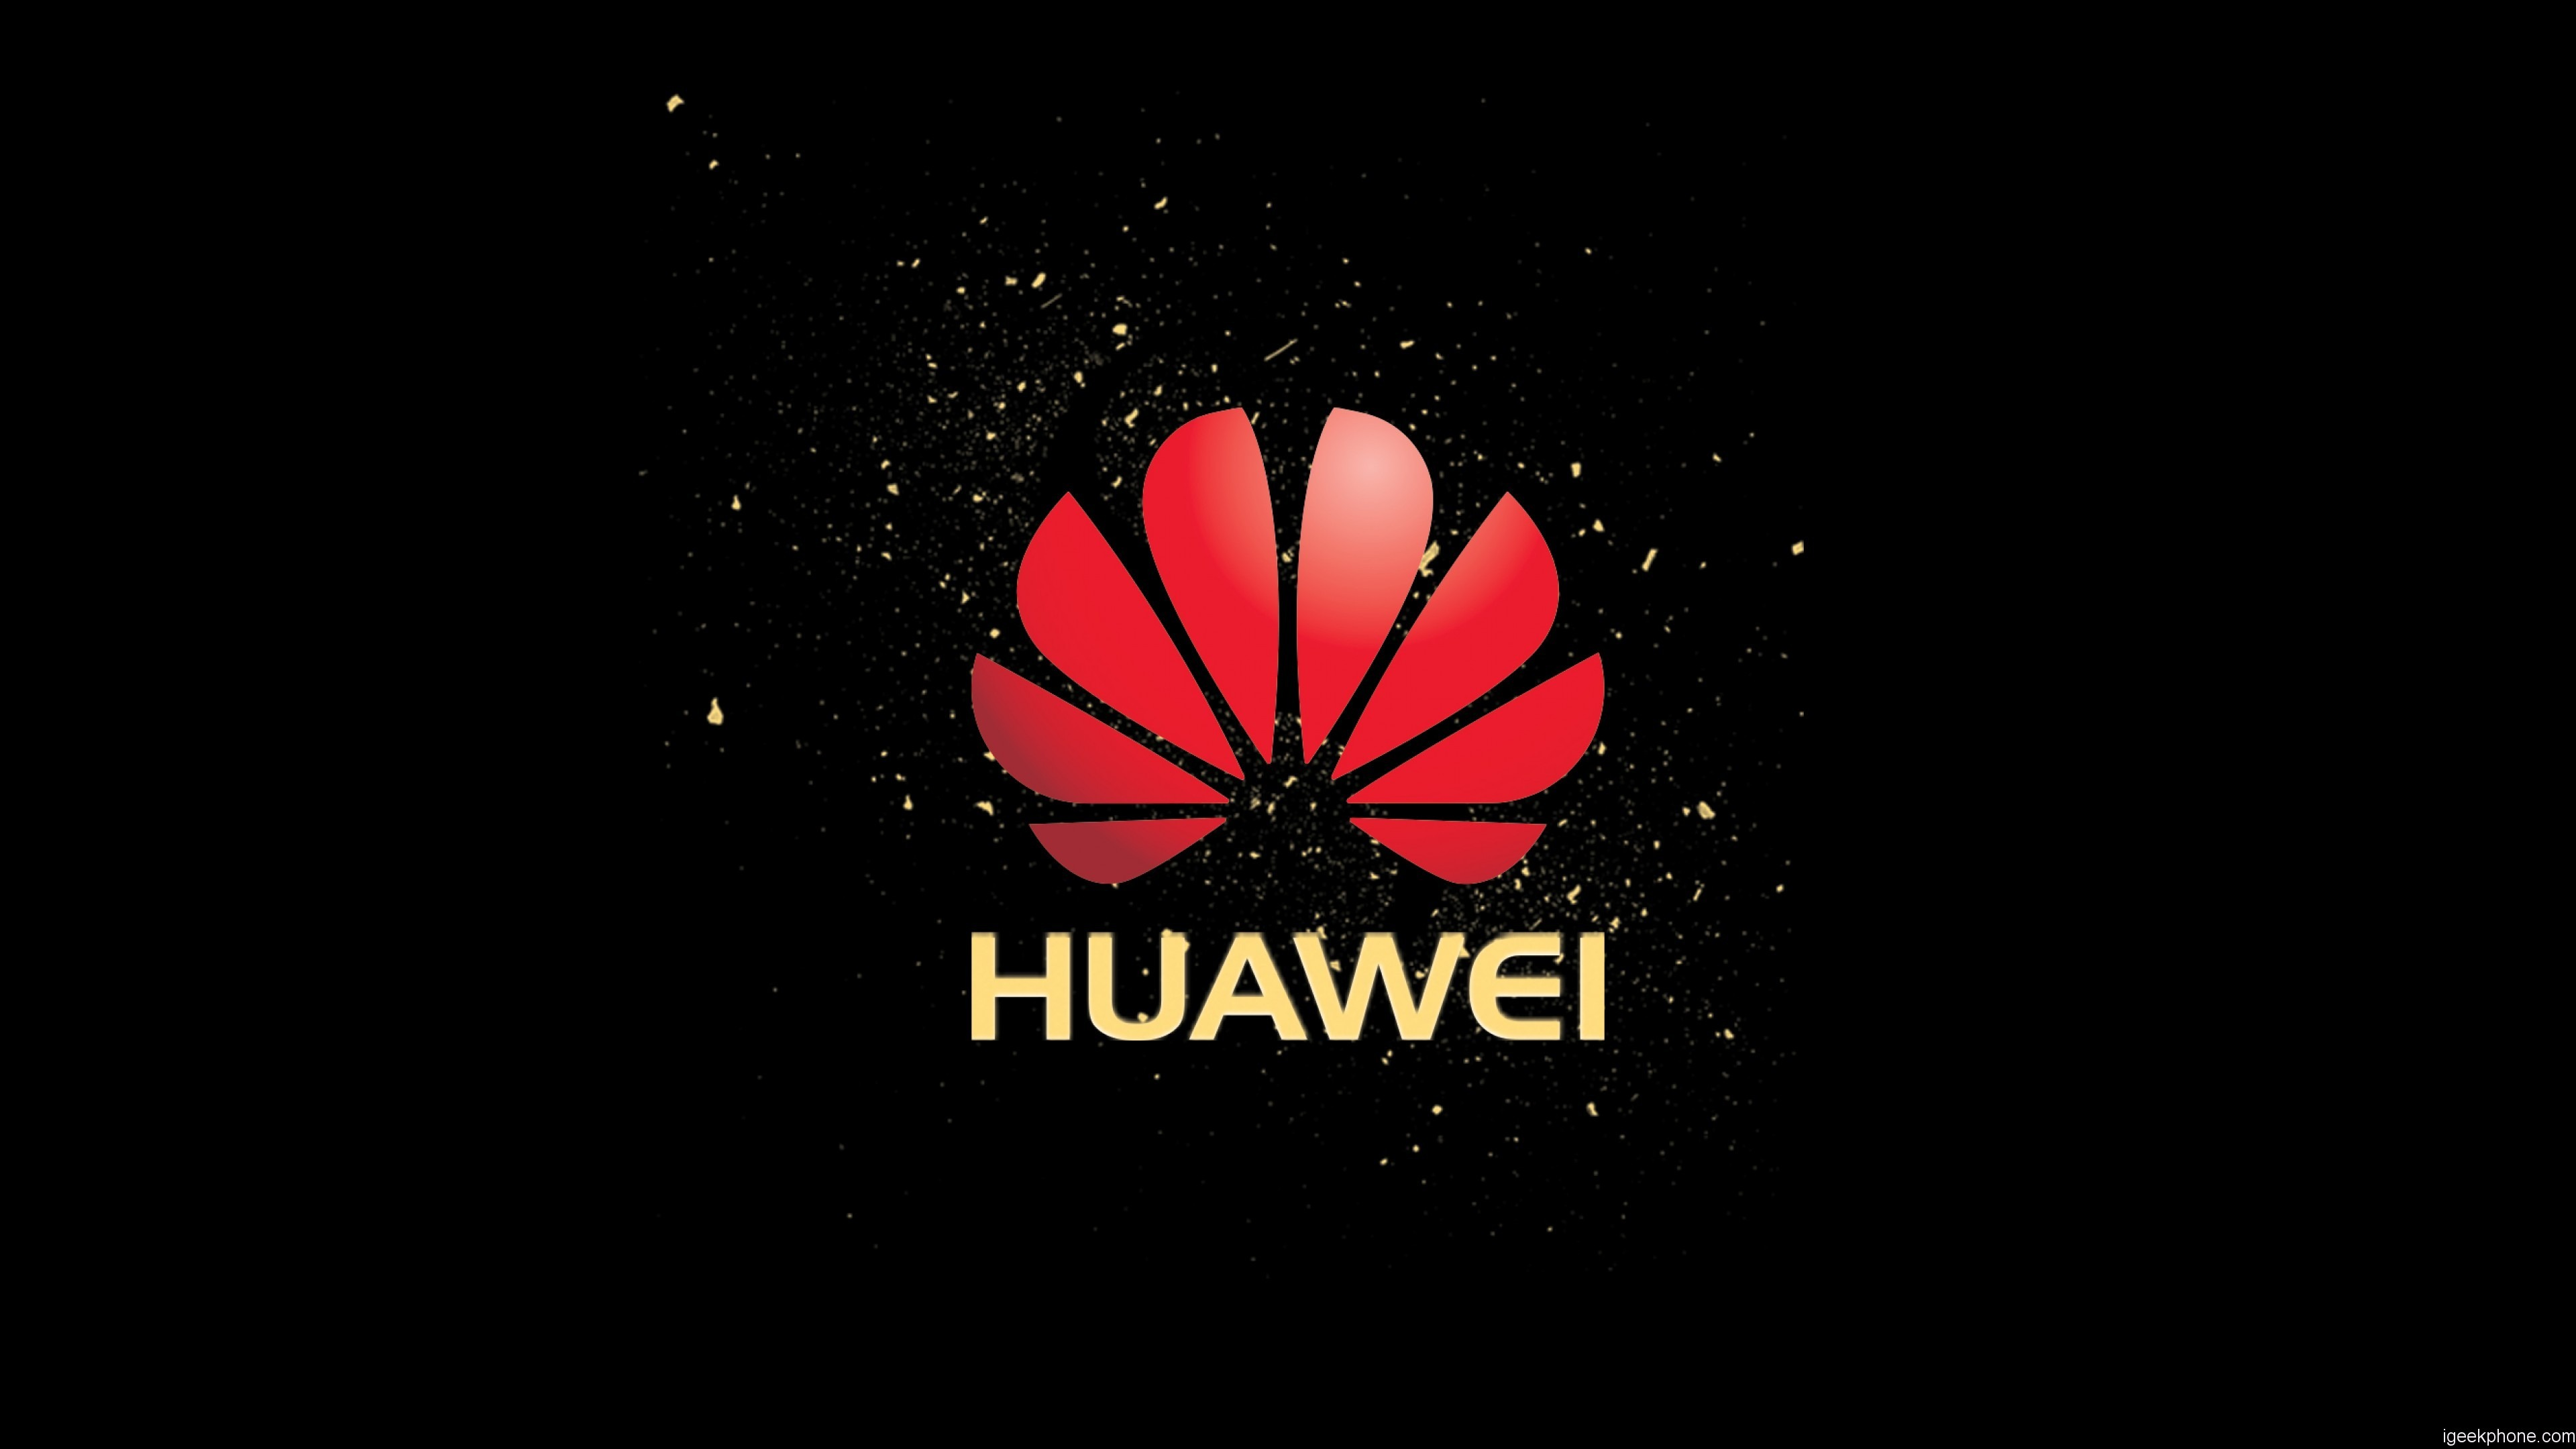 هواوي تنتصر لنفسها على جوجل.. بشرى سارة من الشركة الصينية لمستخدمي هواتفها